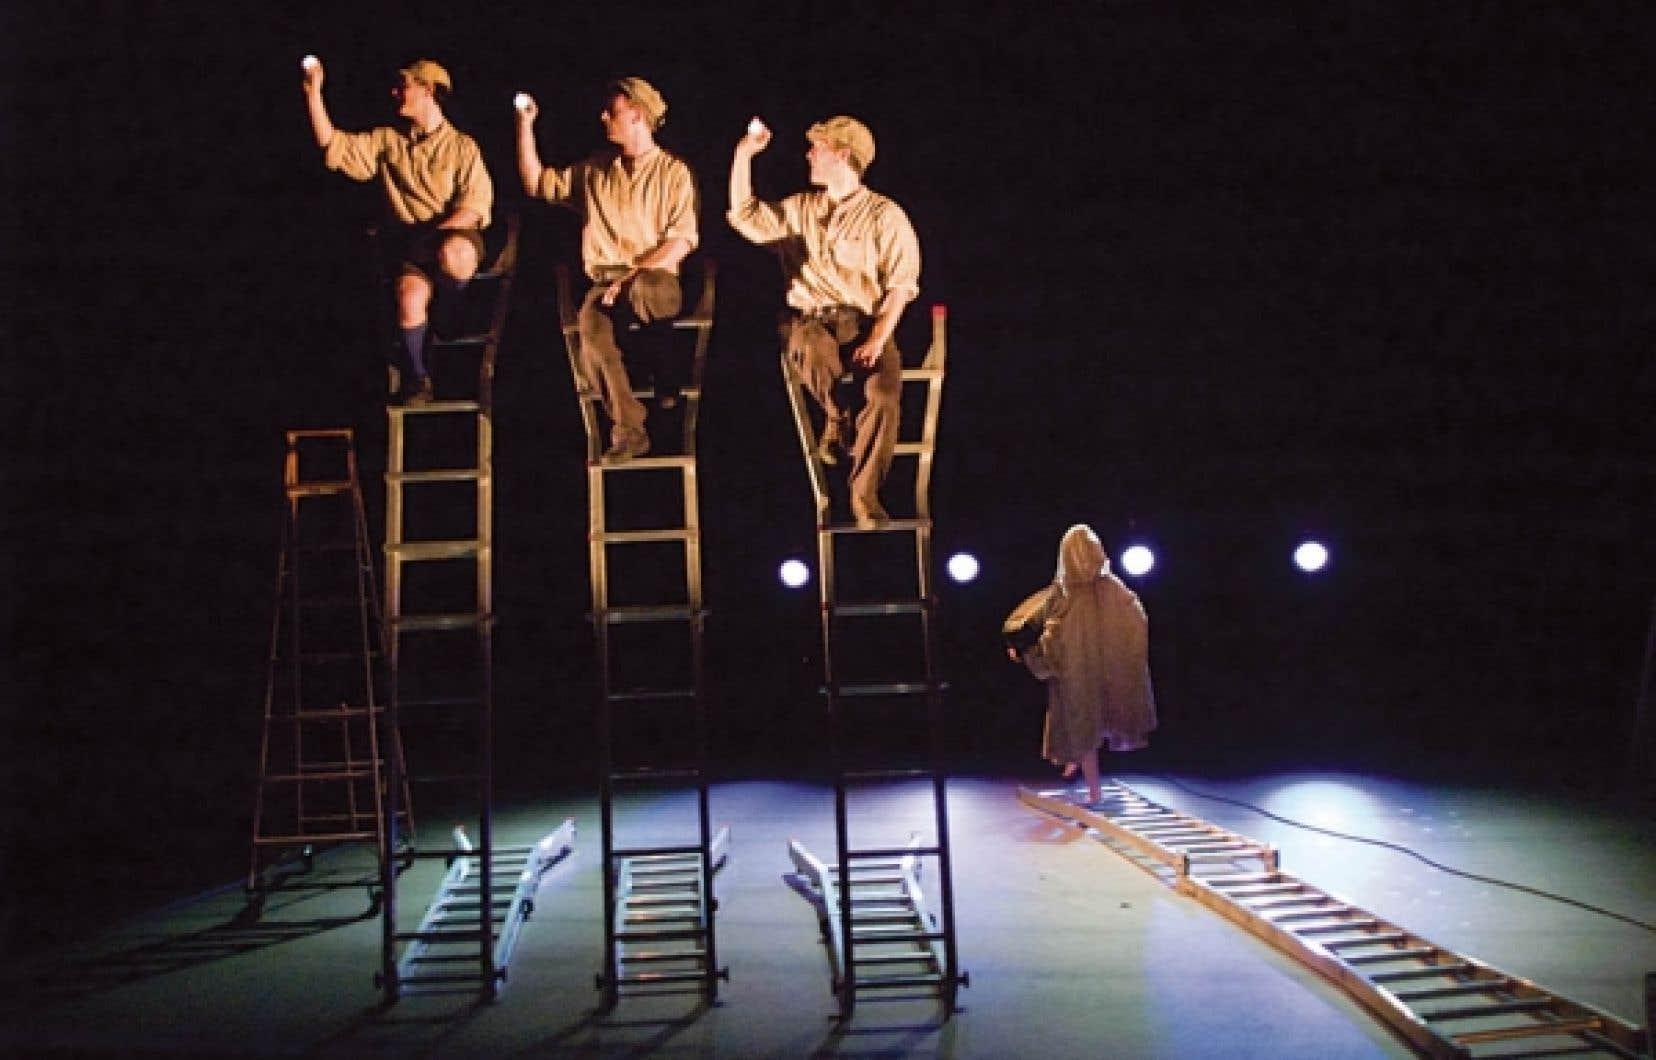 Des escabeaux, parce que L'Envol de l'ange est un spectacle de mouvement acrobatique, une forme inventée par le DynamO il y a plus d'un quart de siècle.<br />